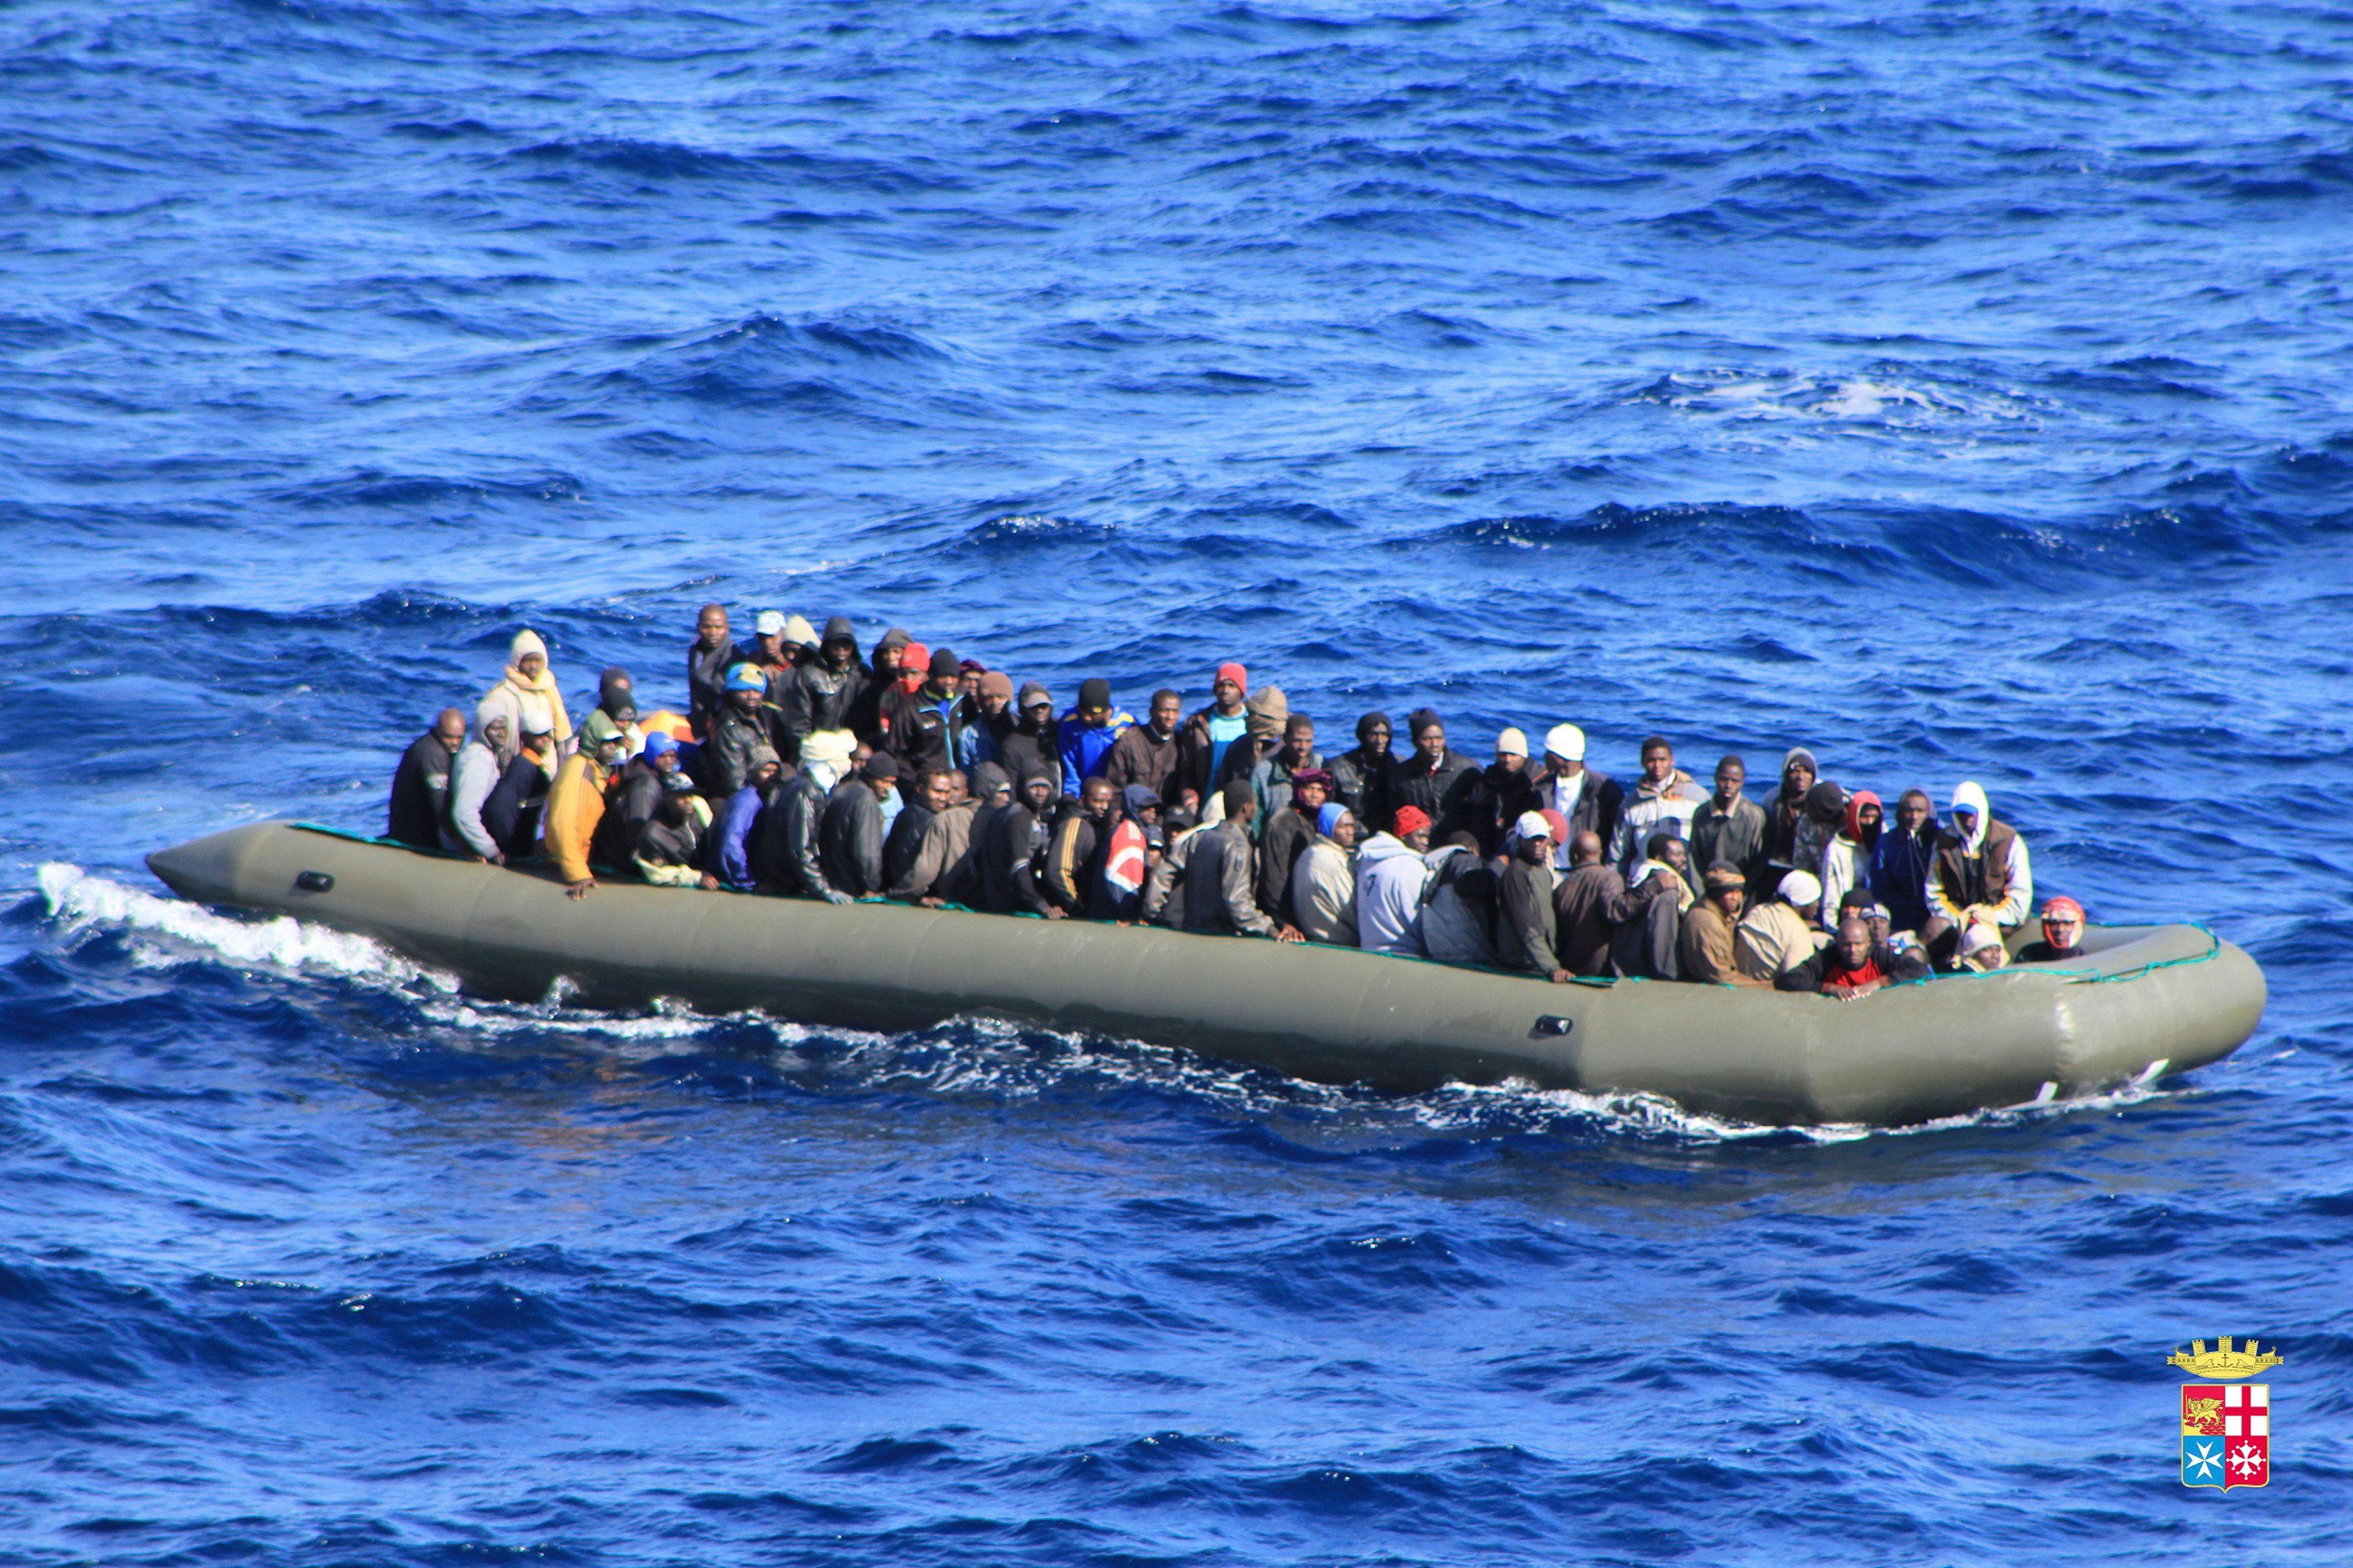 Des migrants secourus en Méditerranée après le naufrage de leur navire de fortune.